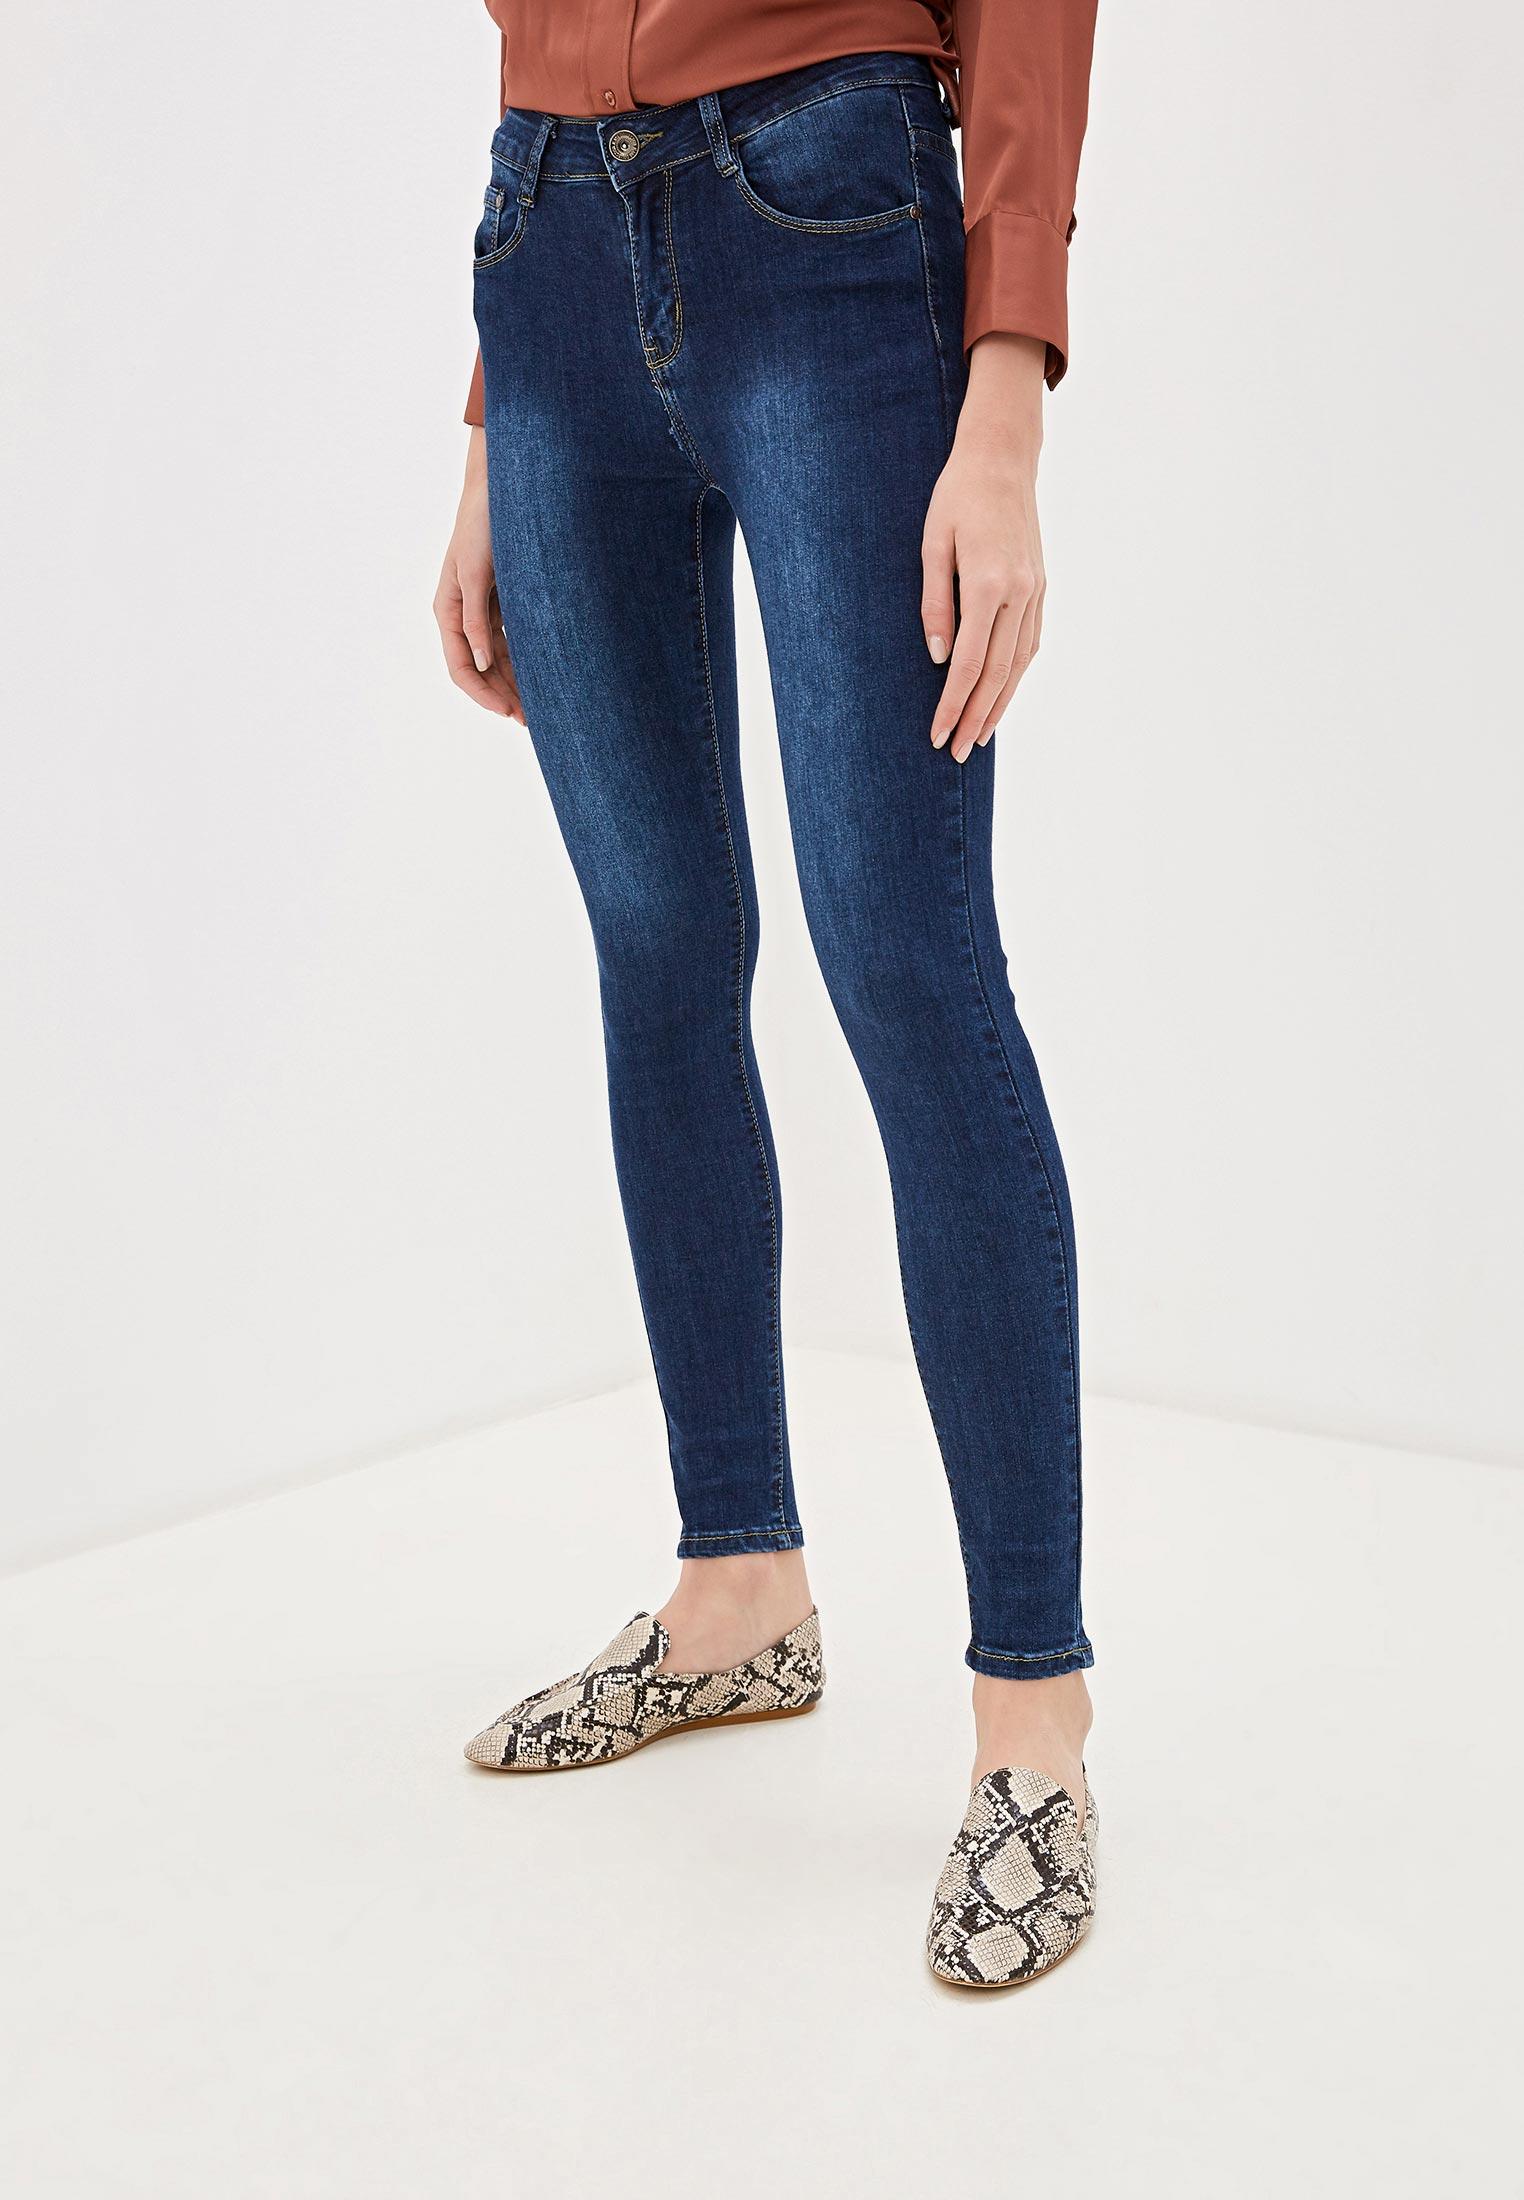 Зауженные джинсы Adrixx NR09-CZP2078